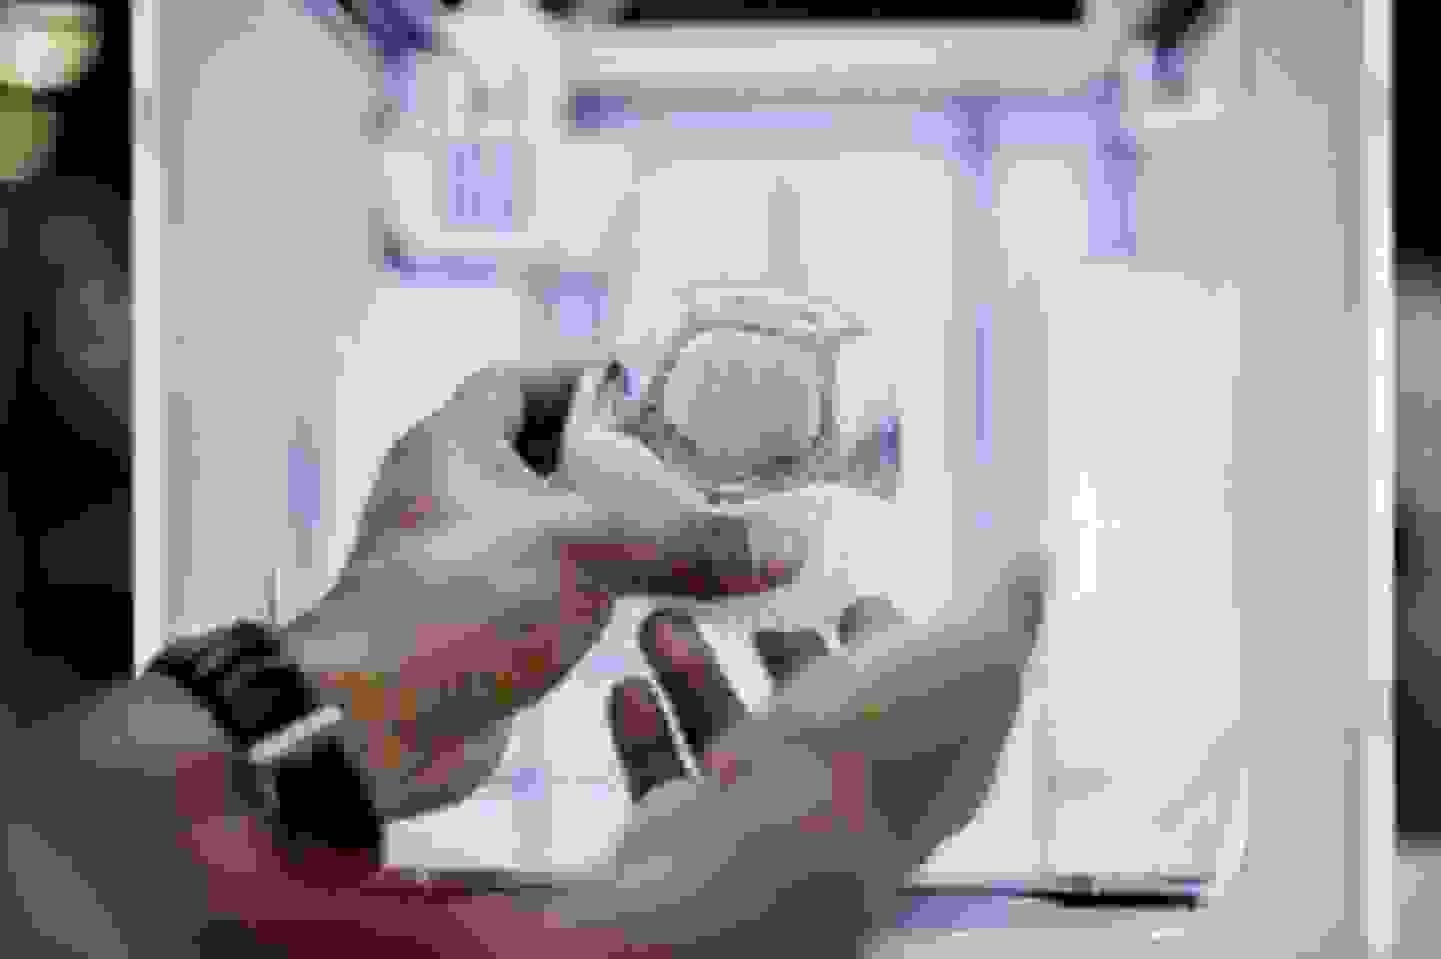 Modell aus dem 3D Drucker mit weißen Stützen